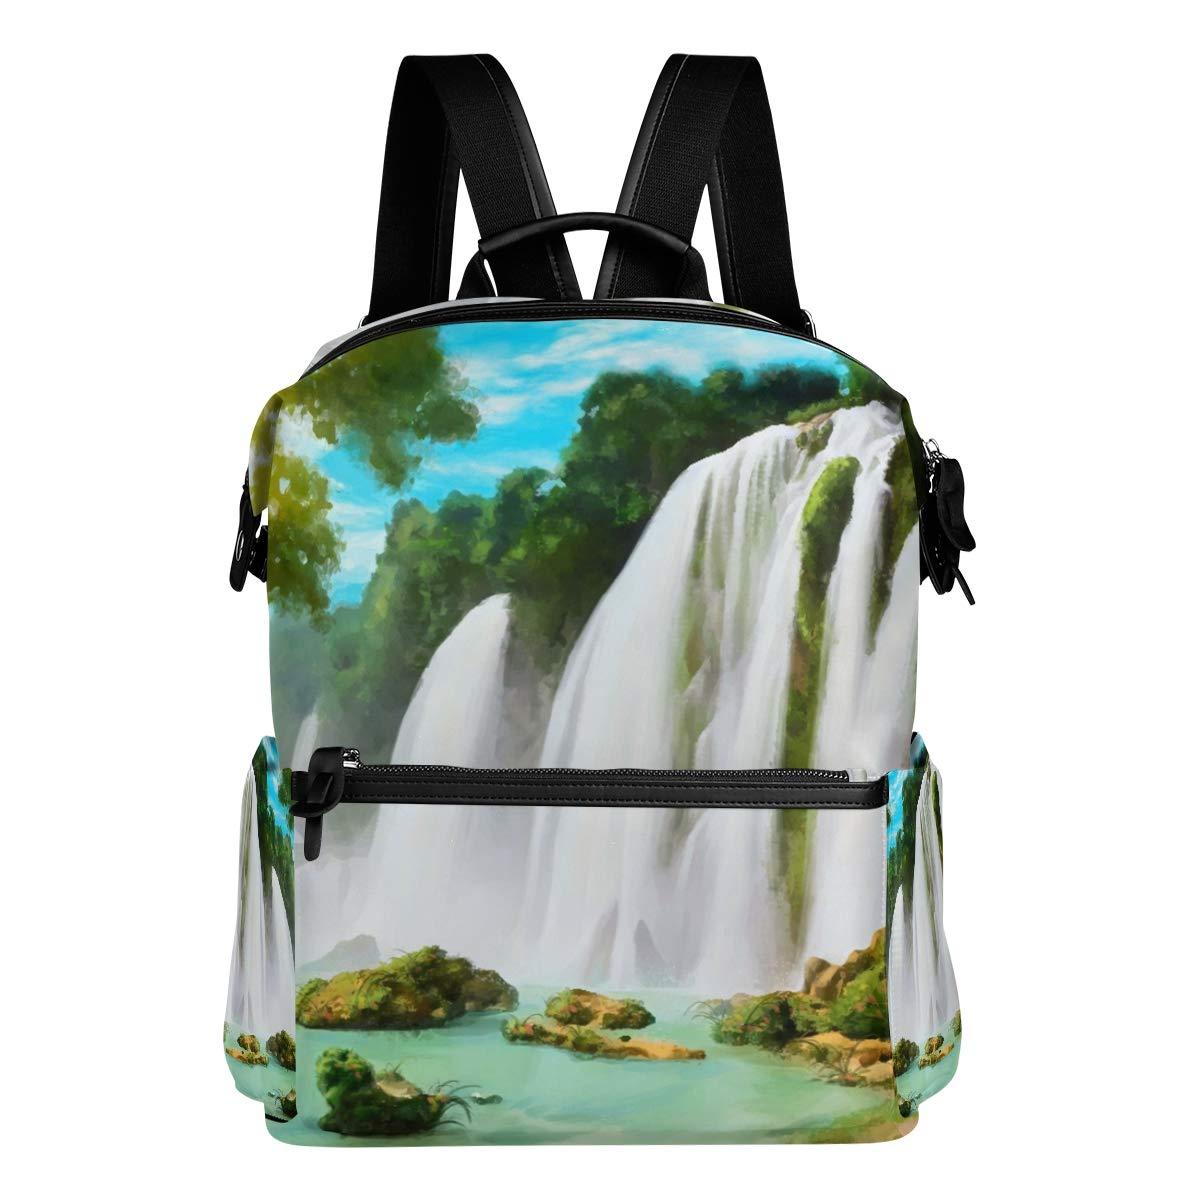 89d7fa804d FAJRO FAJRO FAJRO Zaino da viaggio con cascata di montagna e pittura 01bd58